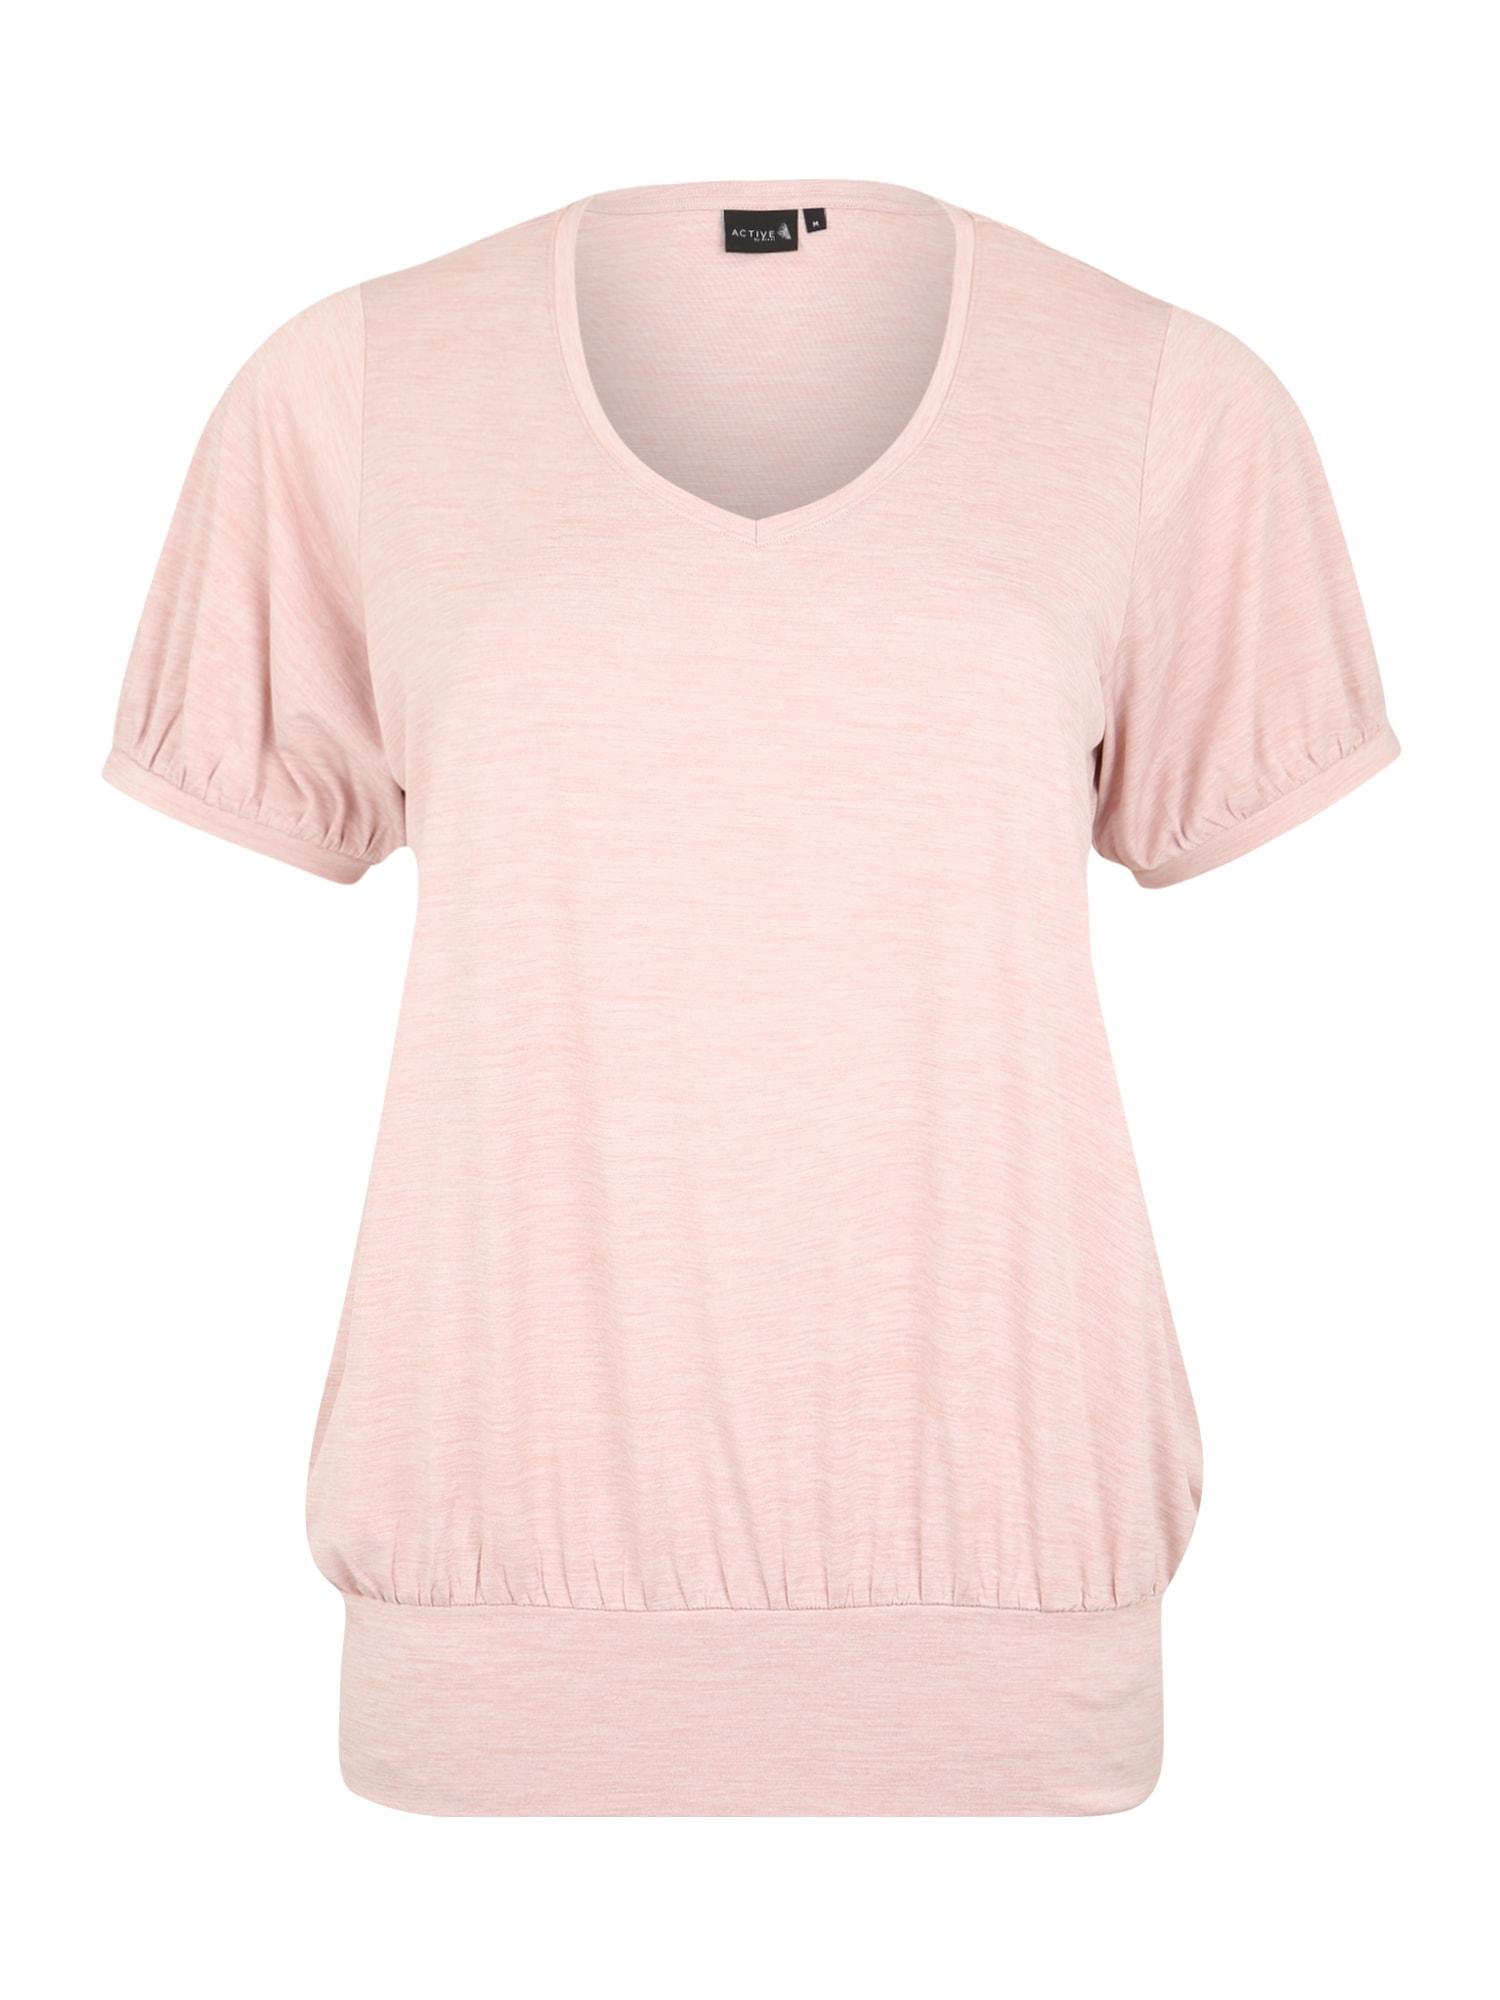 Active by Zizzi Sportiniai marškinėliai 'ASAN FRAN' rausvai violetinė spalva